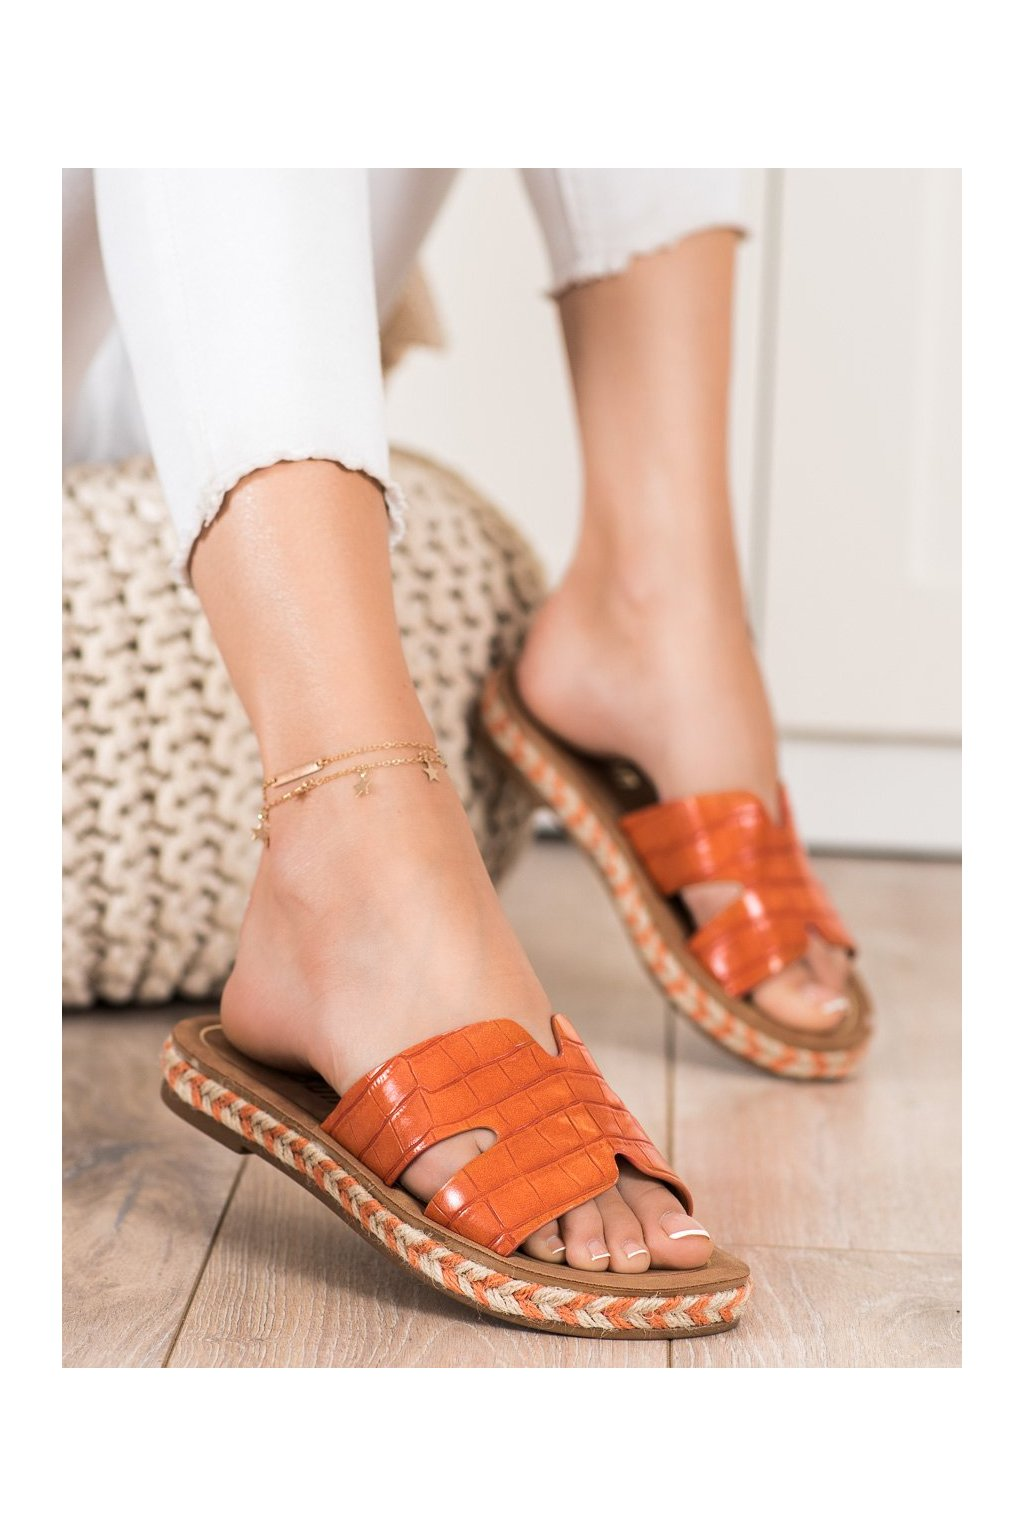 Oranžové dámske šľapky Shelovet kod 705OR